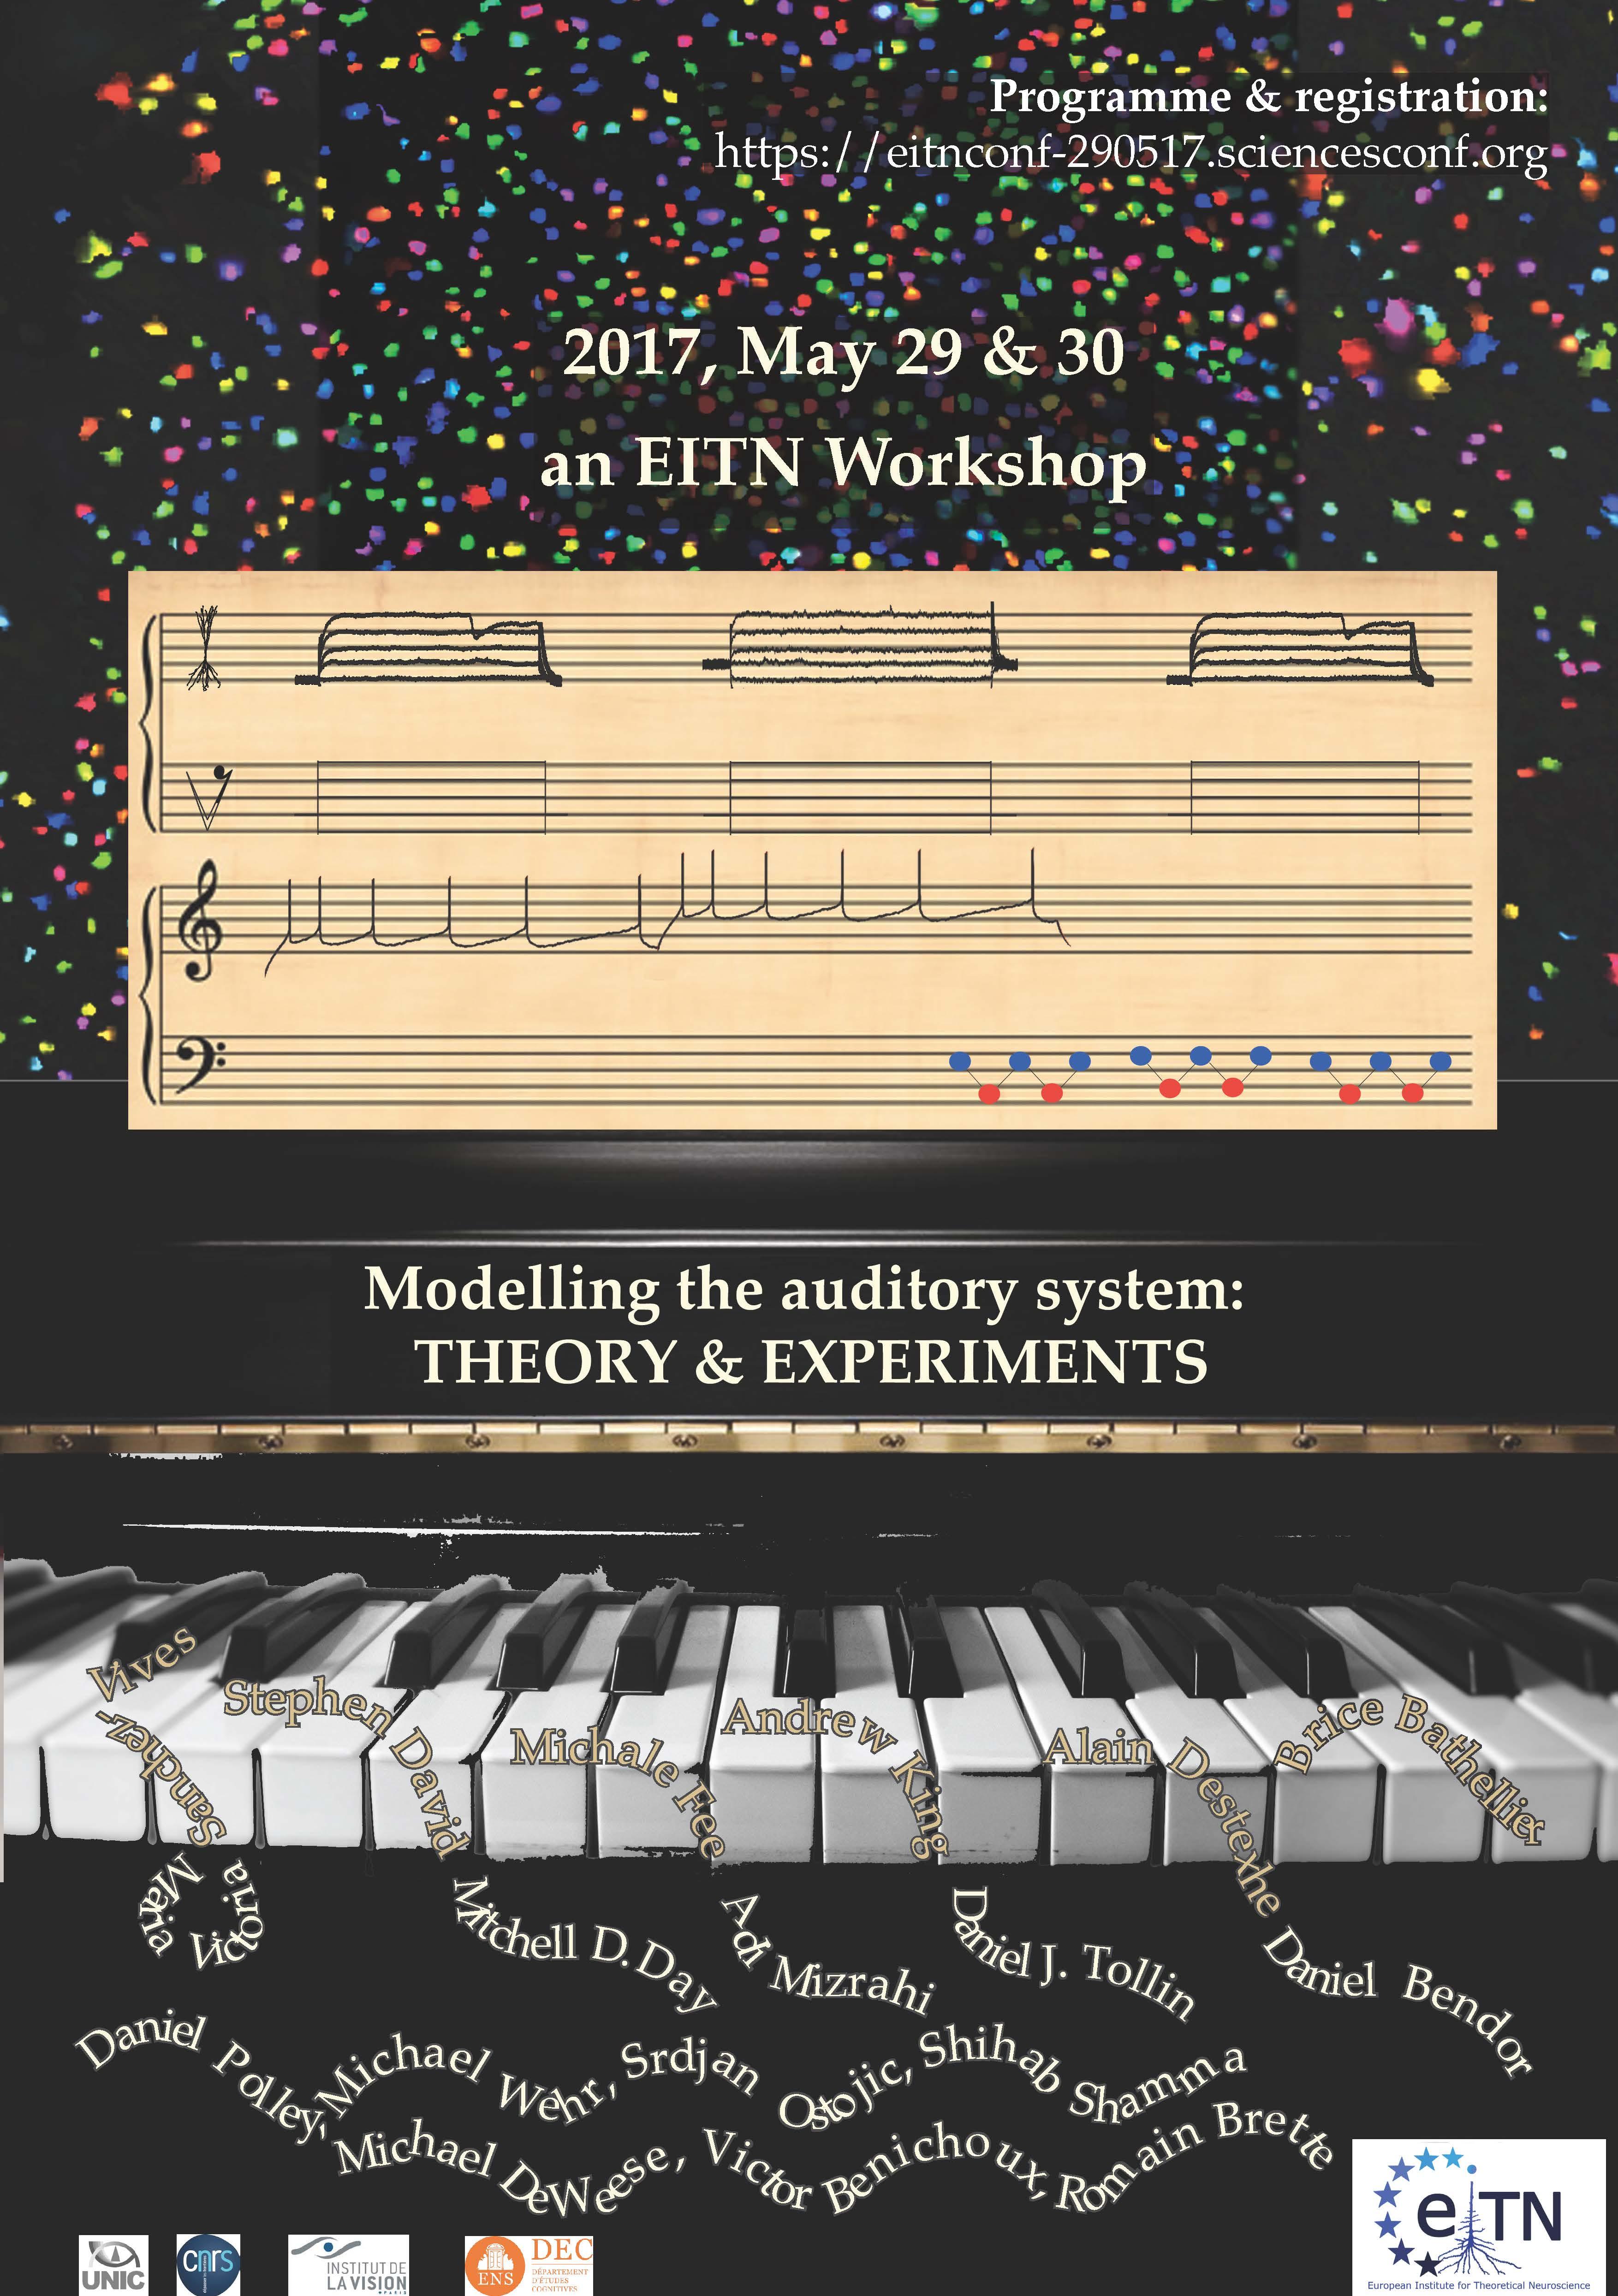 EITNworkshop_Poster_auditorysystem